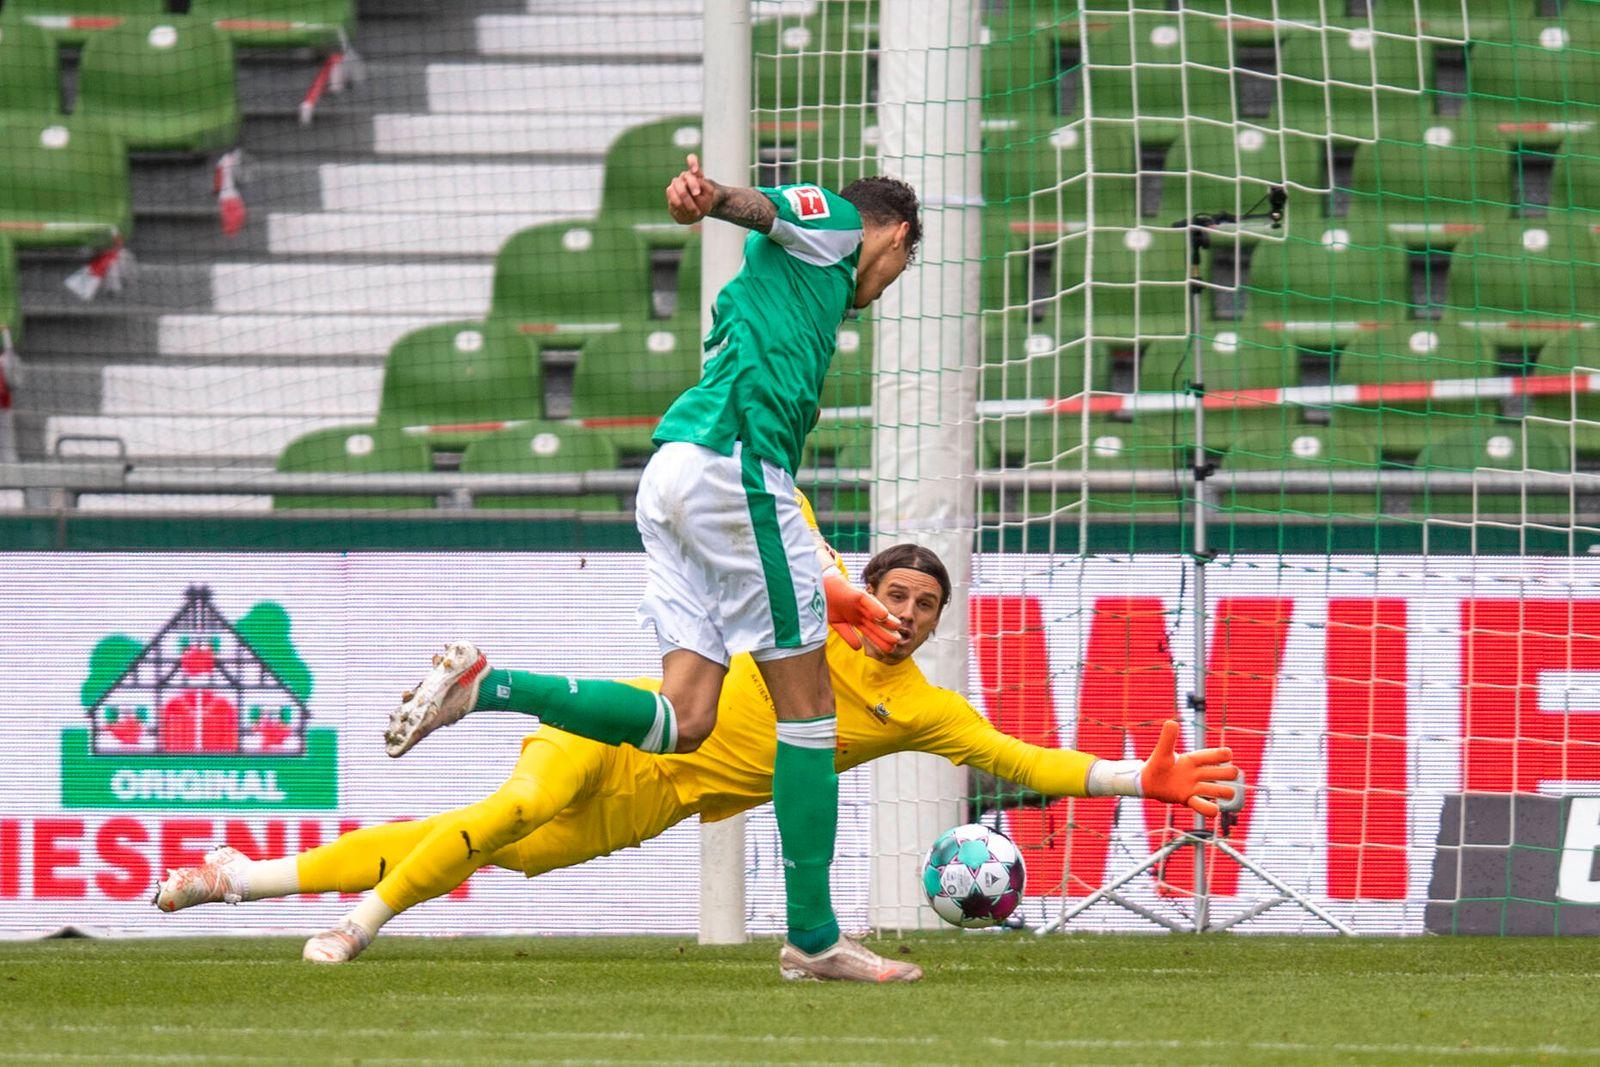 Fußball: 1. Bundesliga, Saison 2020/2021, 34. Spieltag, SV Werder Bremen gegen Borussia Mönchengladbach am 22.05.2021 i